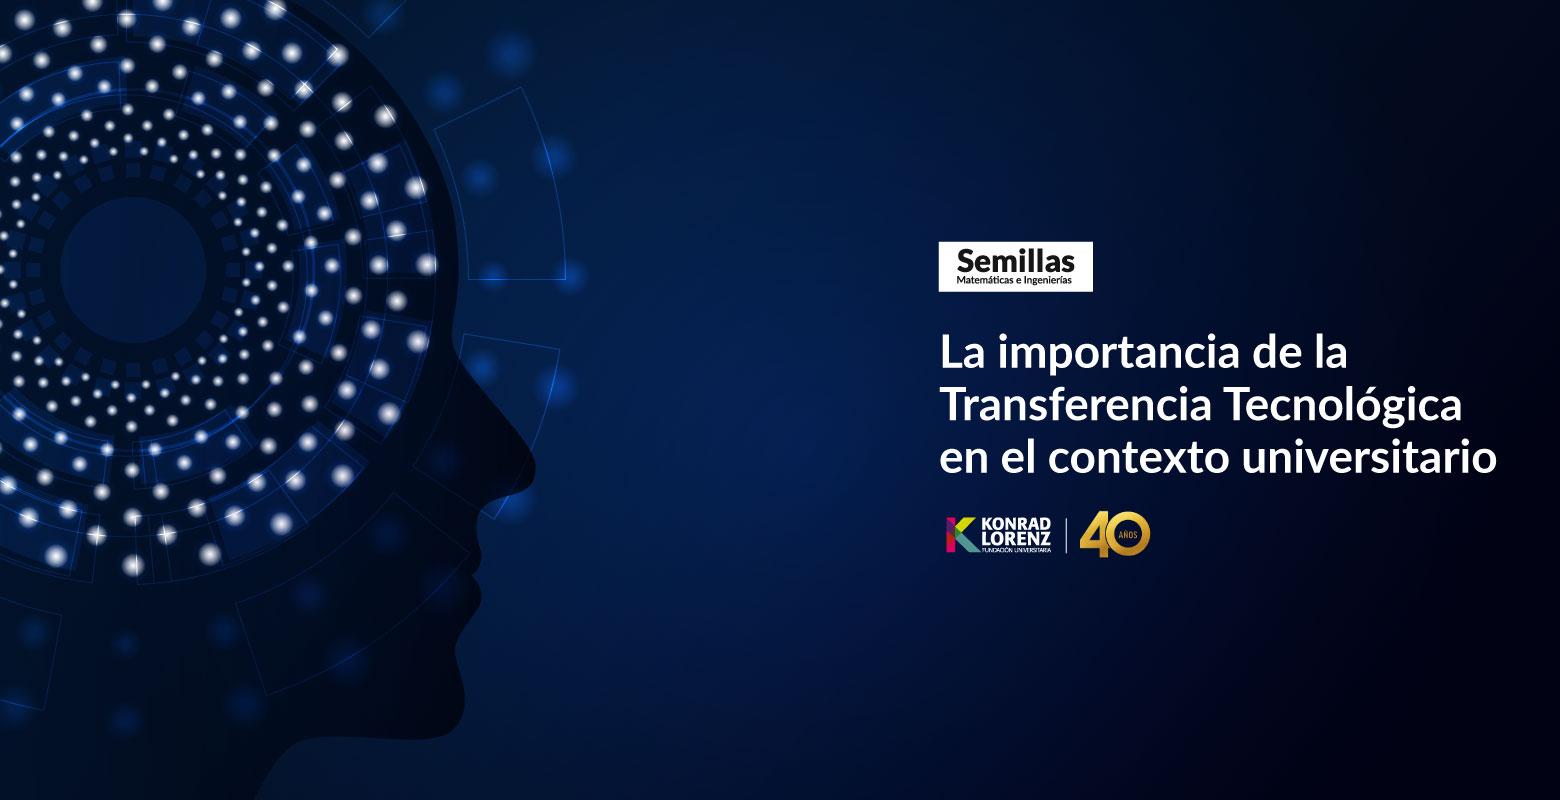 La importancia de la Transferencia Tecnológica en el contexto universitario